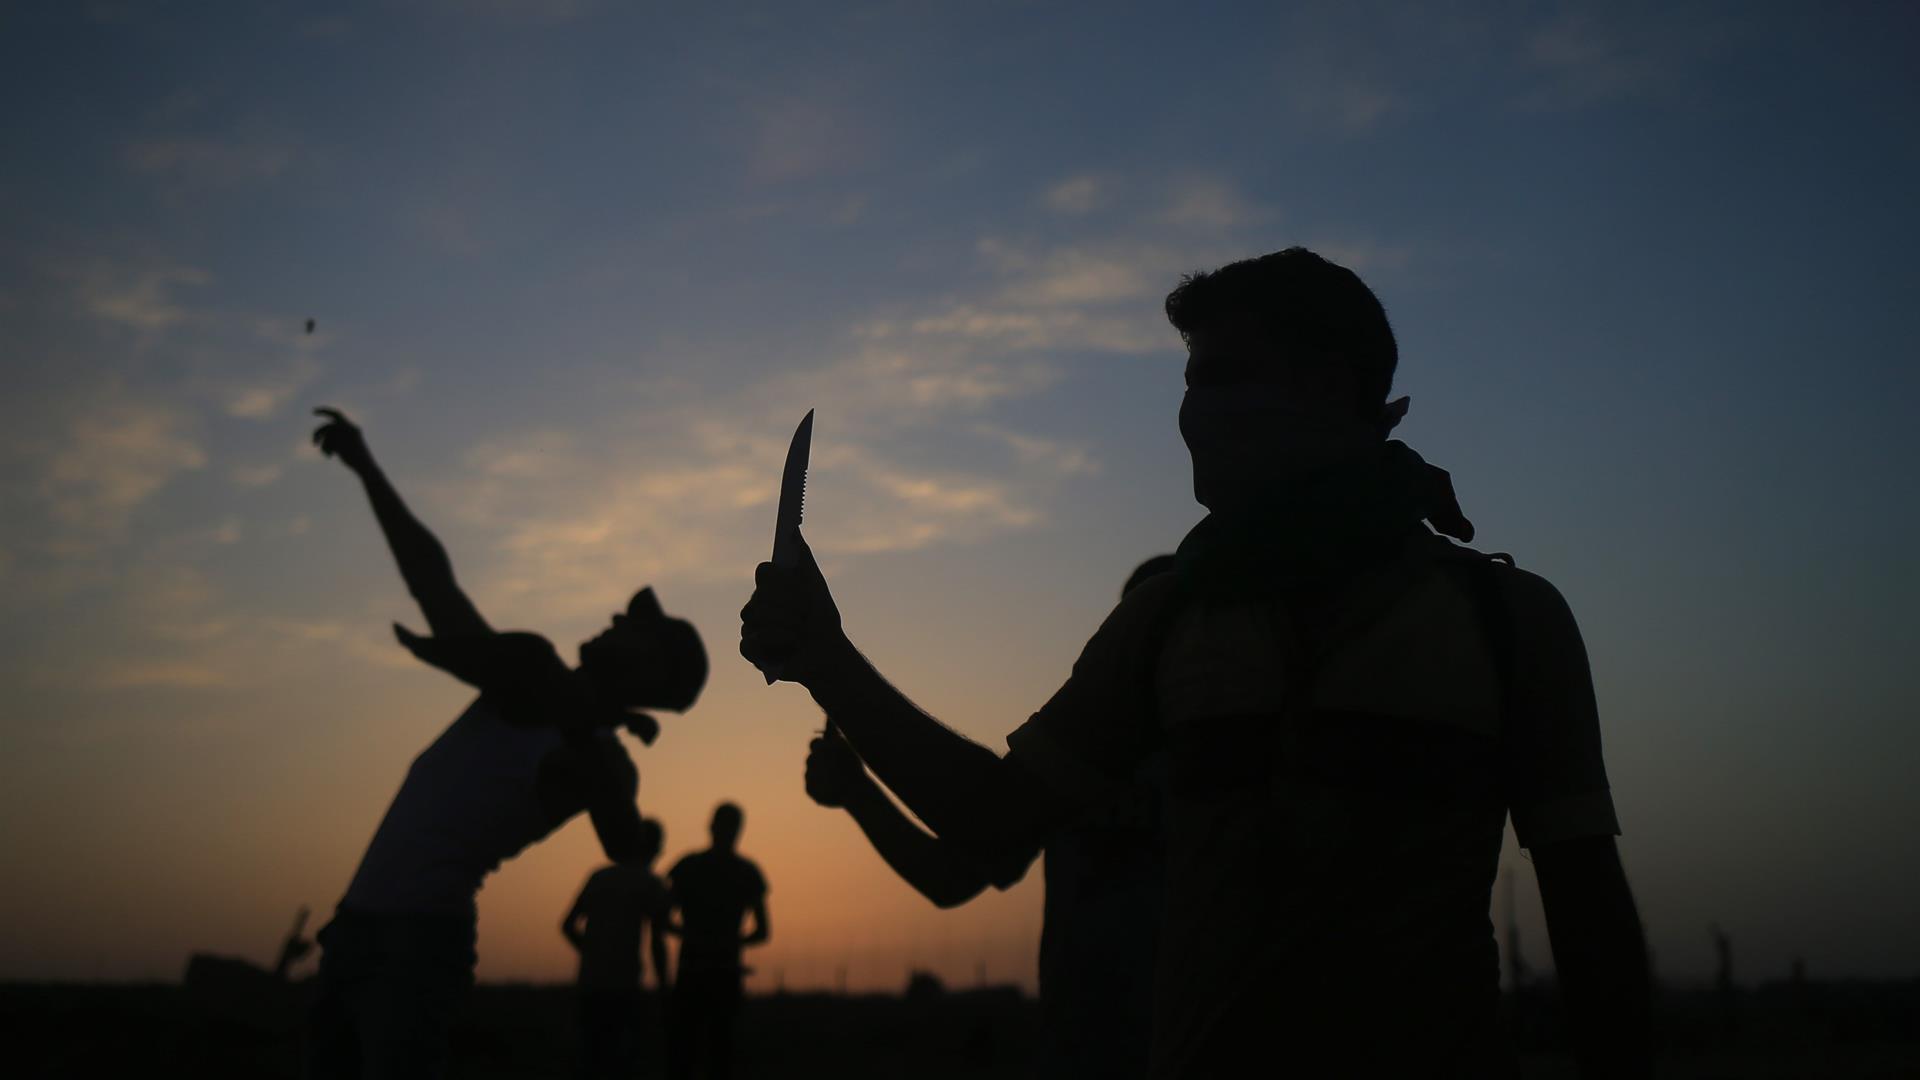 ثورة الصلاة الأخيرة (ثورة السكين)